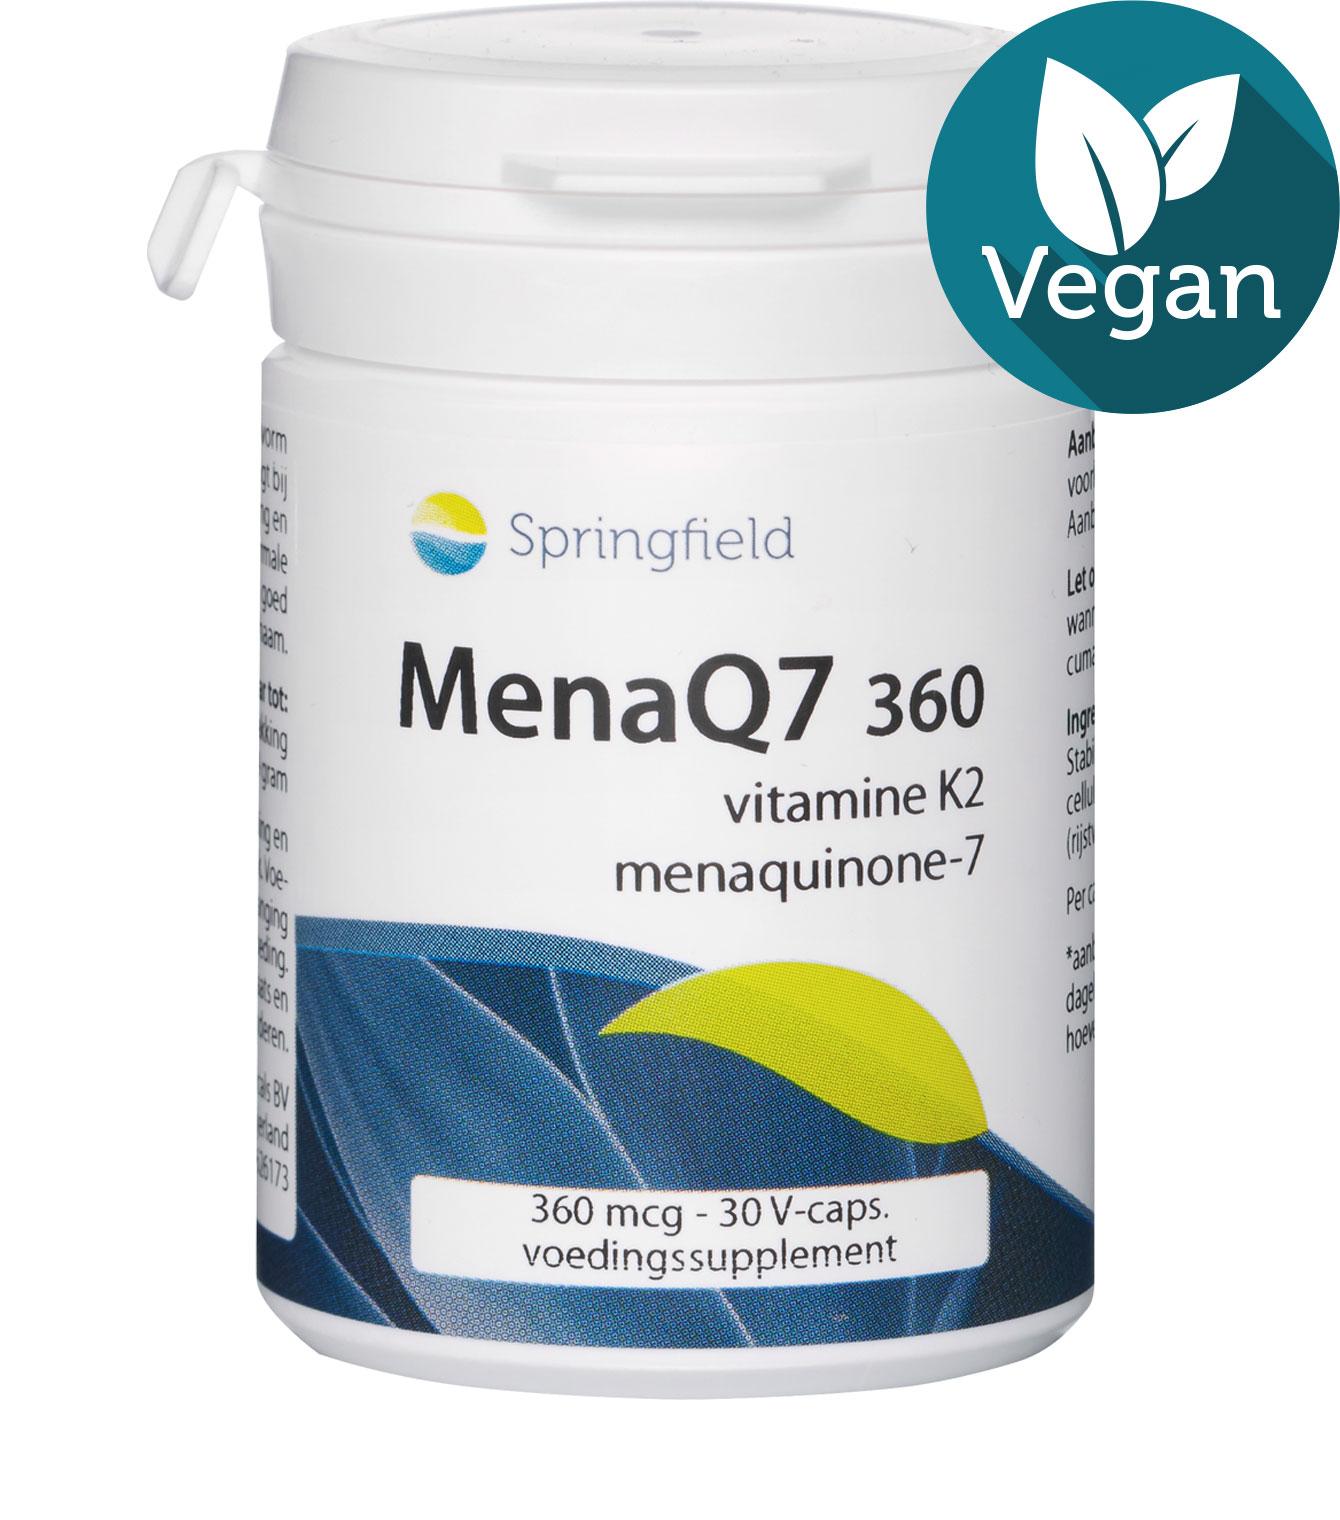 MenaQ7-360-mcg-vitamine-K2-menaquinon-7-vegan